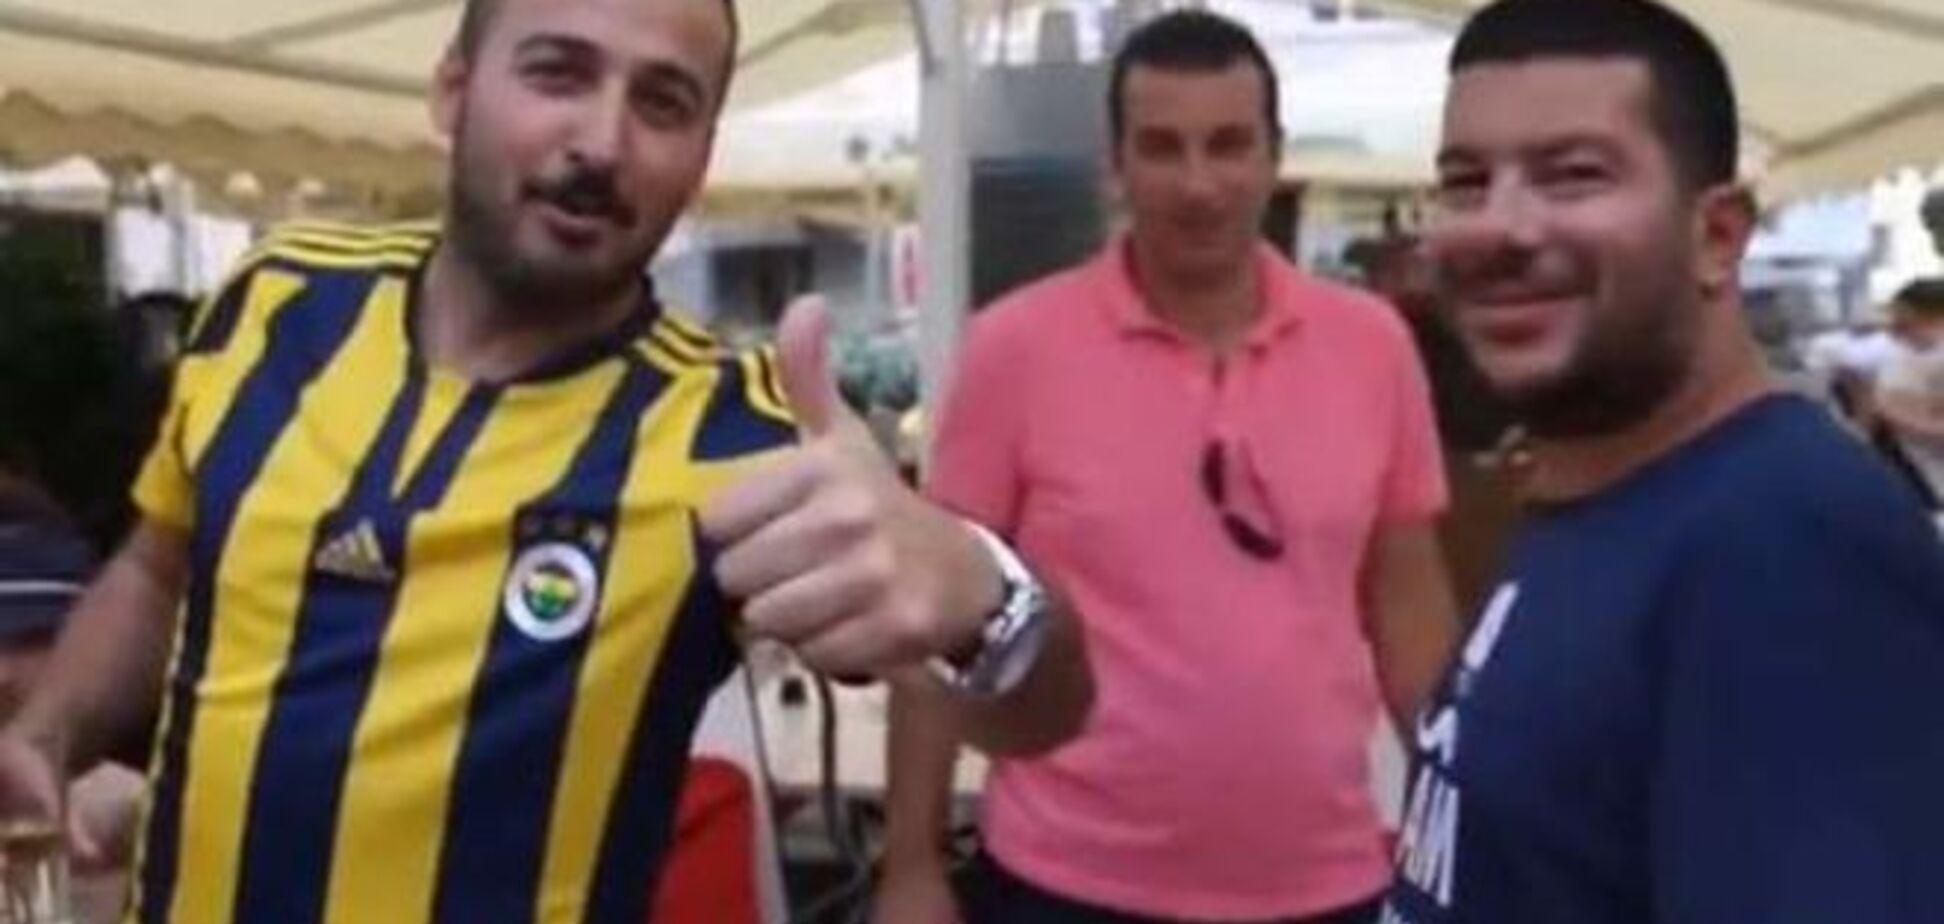 'F*ck Putin! F*ck Russia!': Турки підтримали Україну перед матчем із 'Шахтарем'